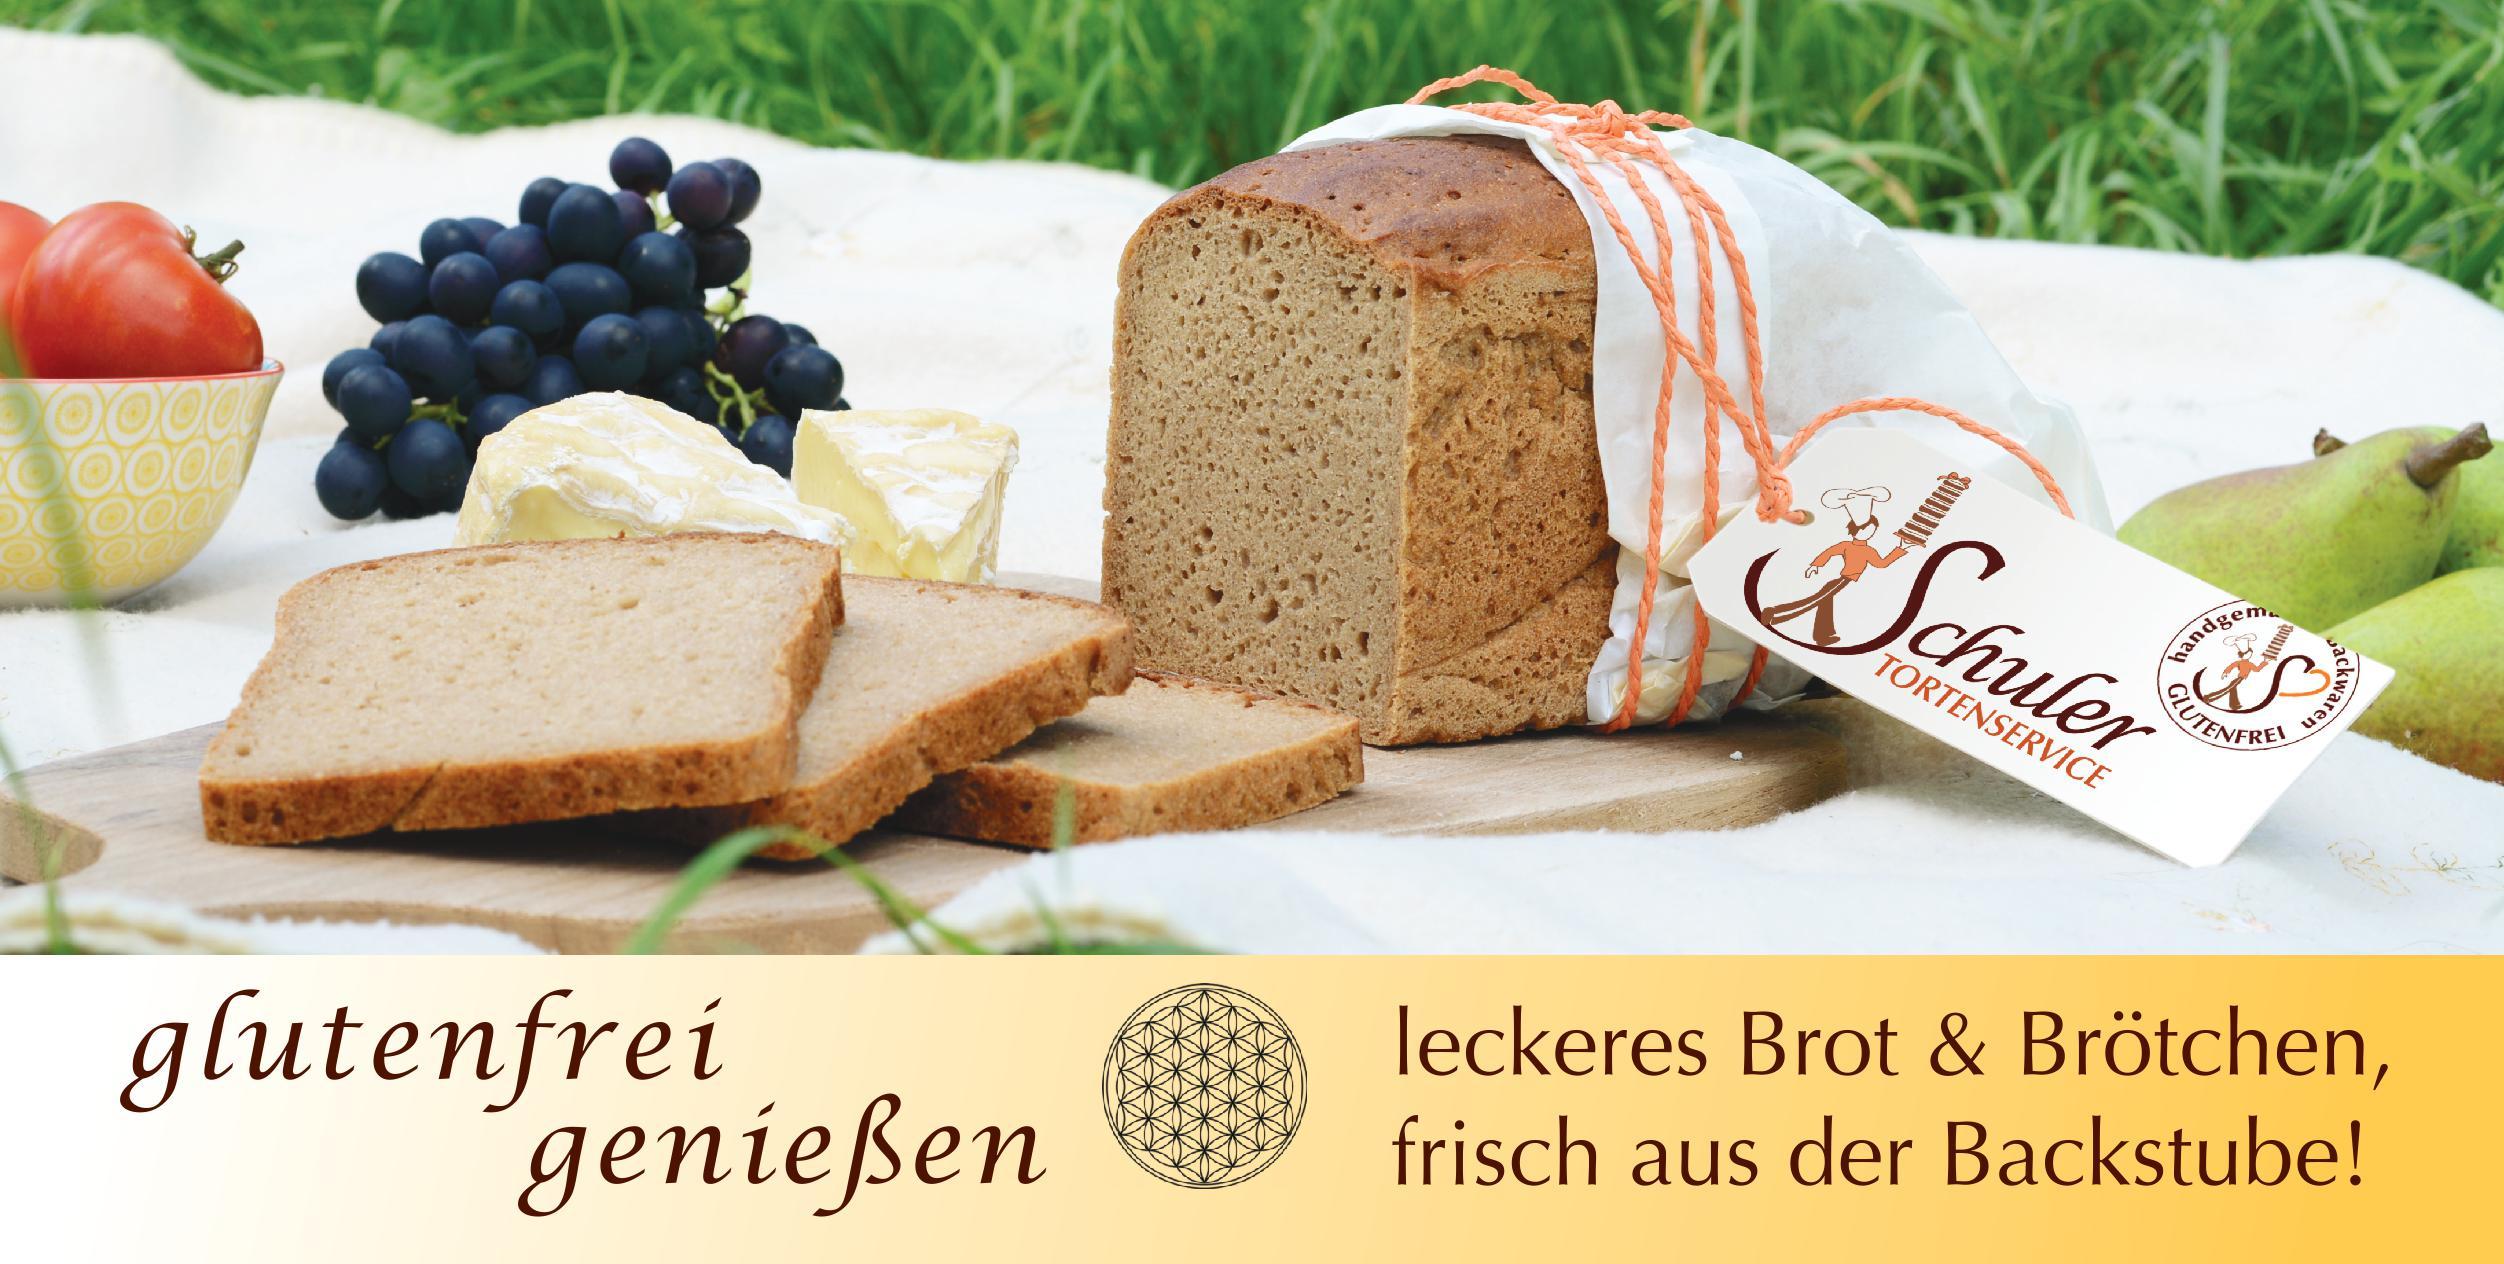 Schuller kuchen wurzburg